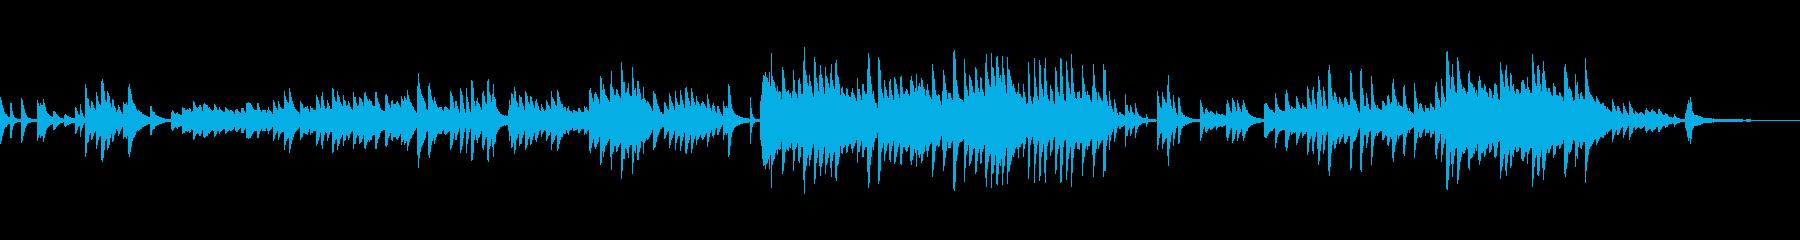 泣けるピアノの感動系BGMの再生済みの波形